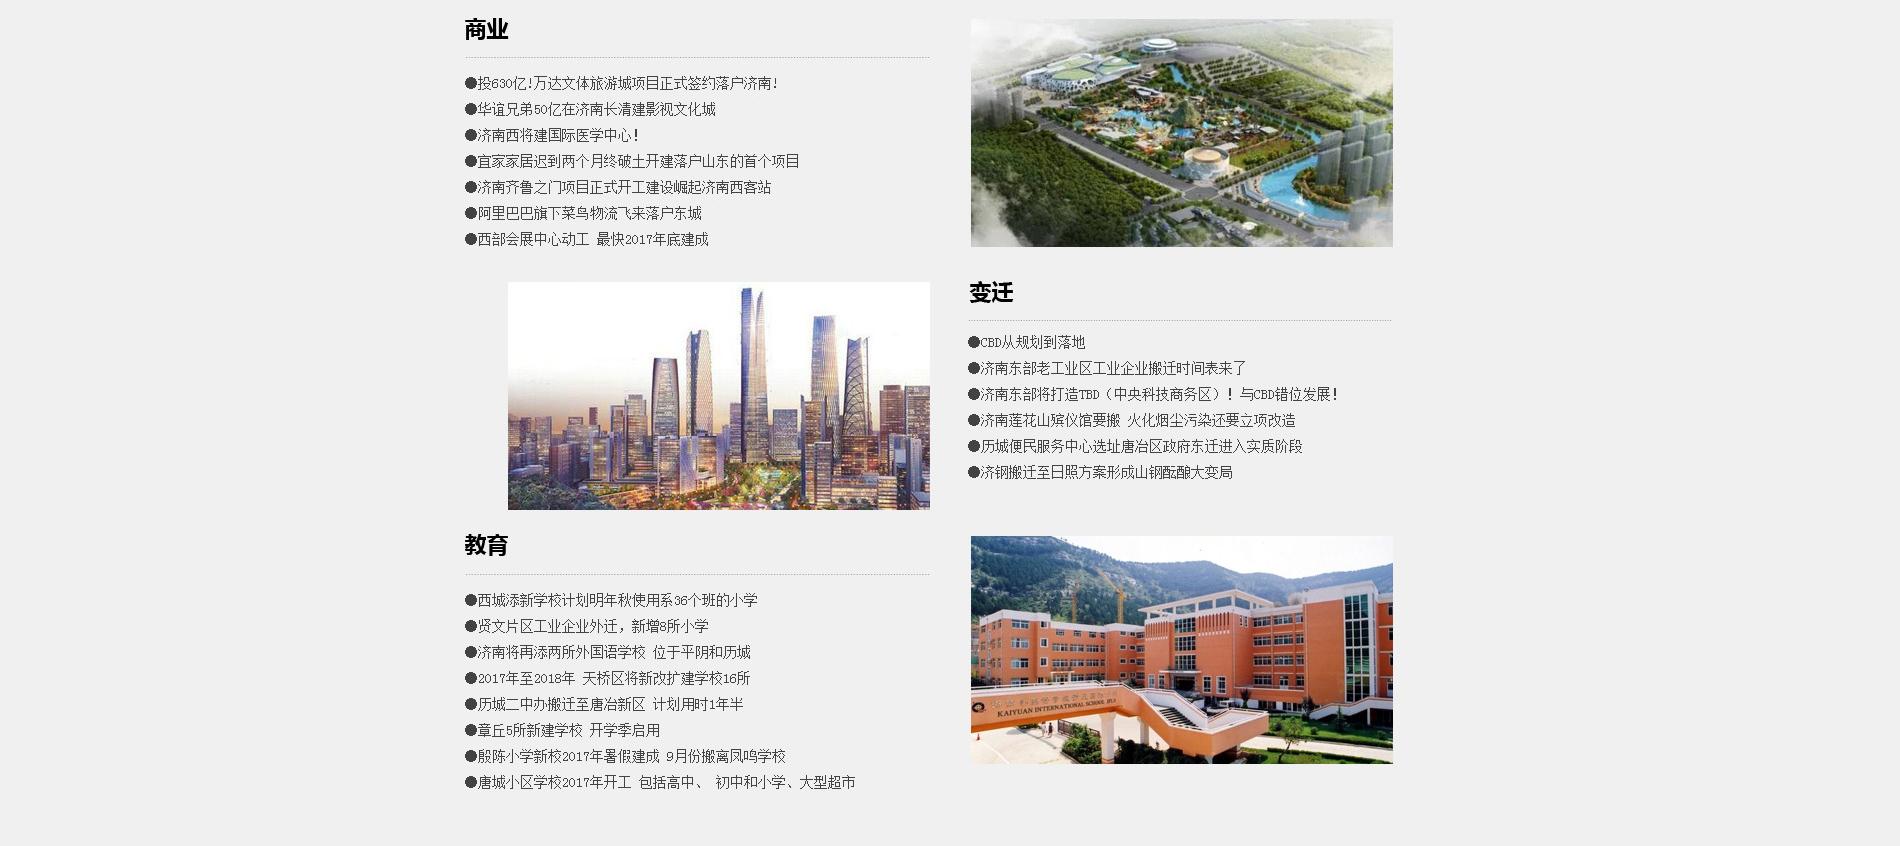 2016年济南政策,2016年济南成交,济南城建